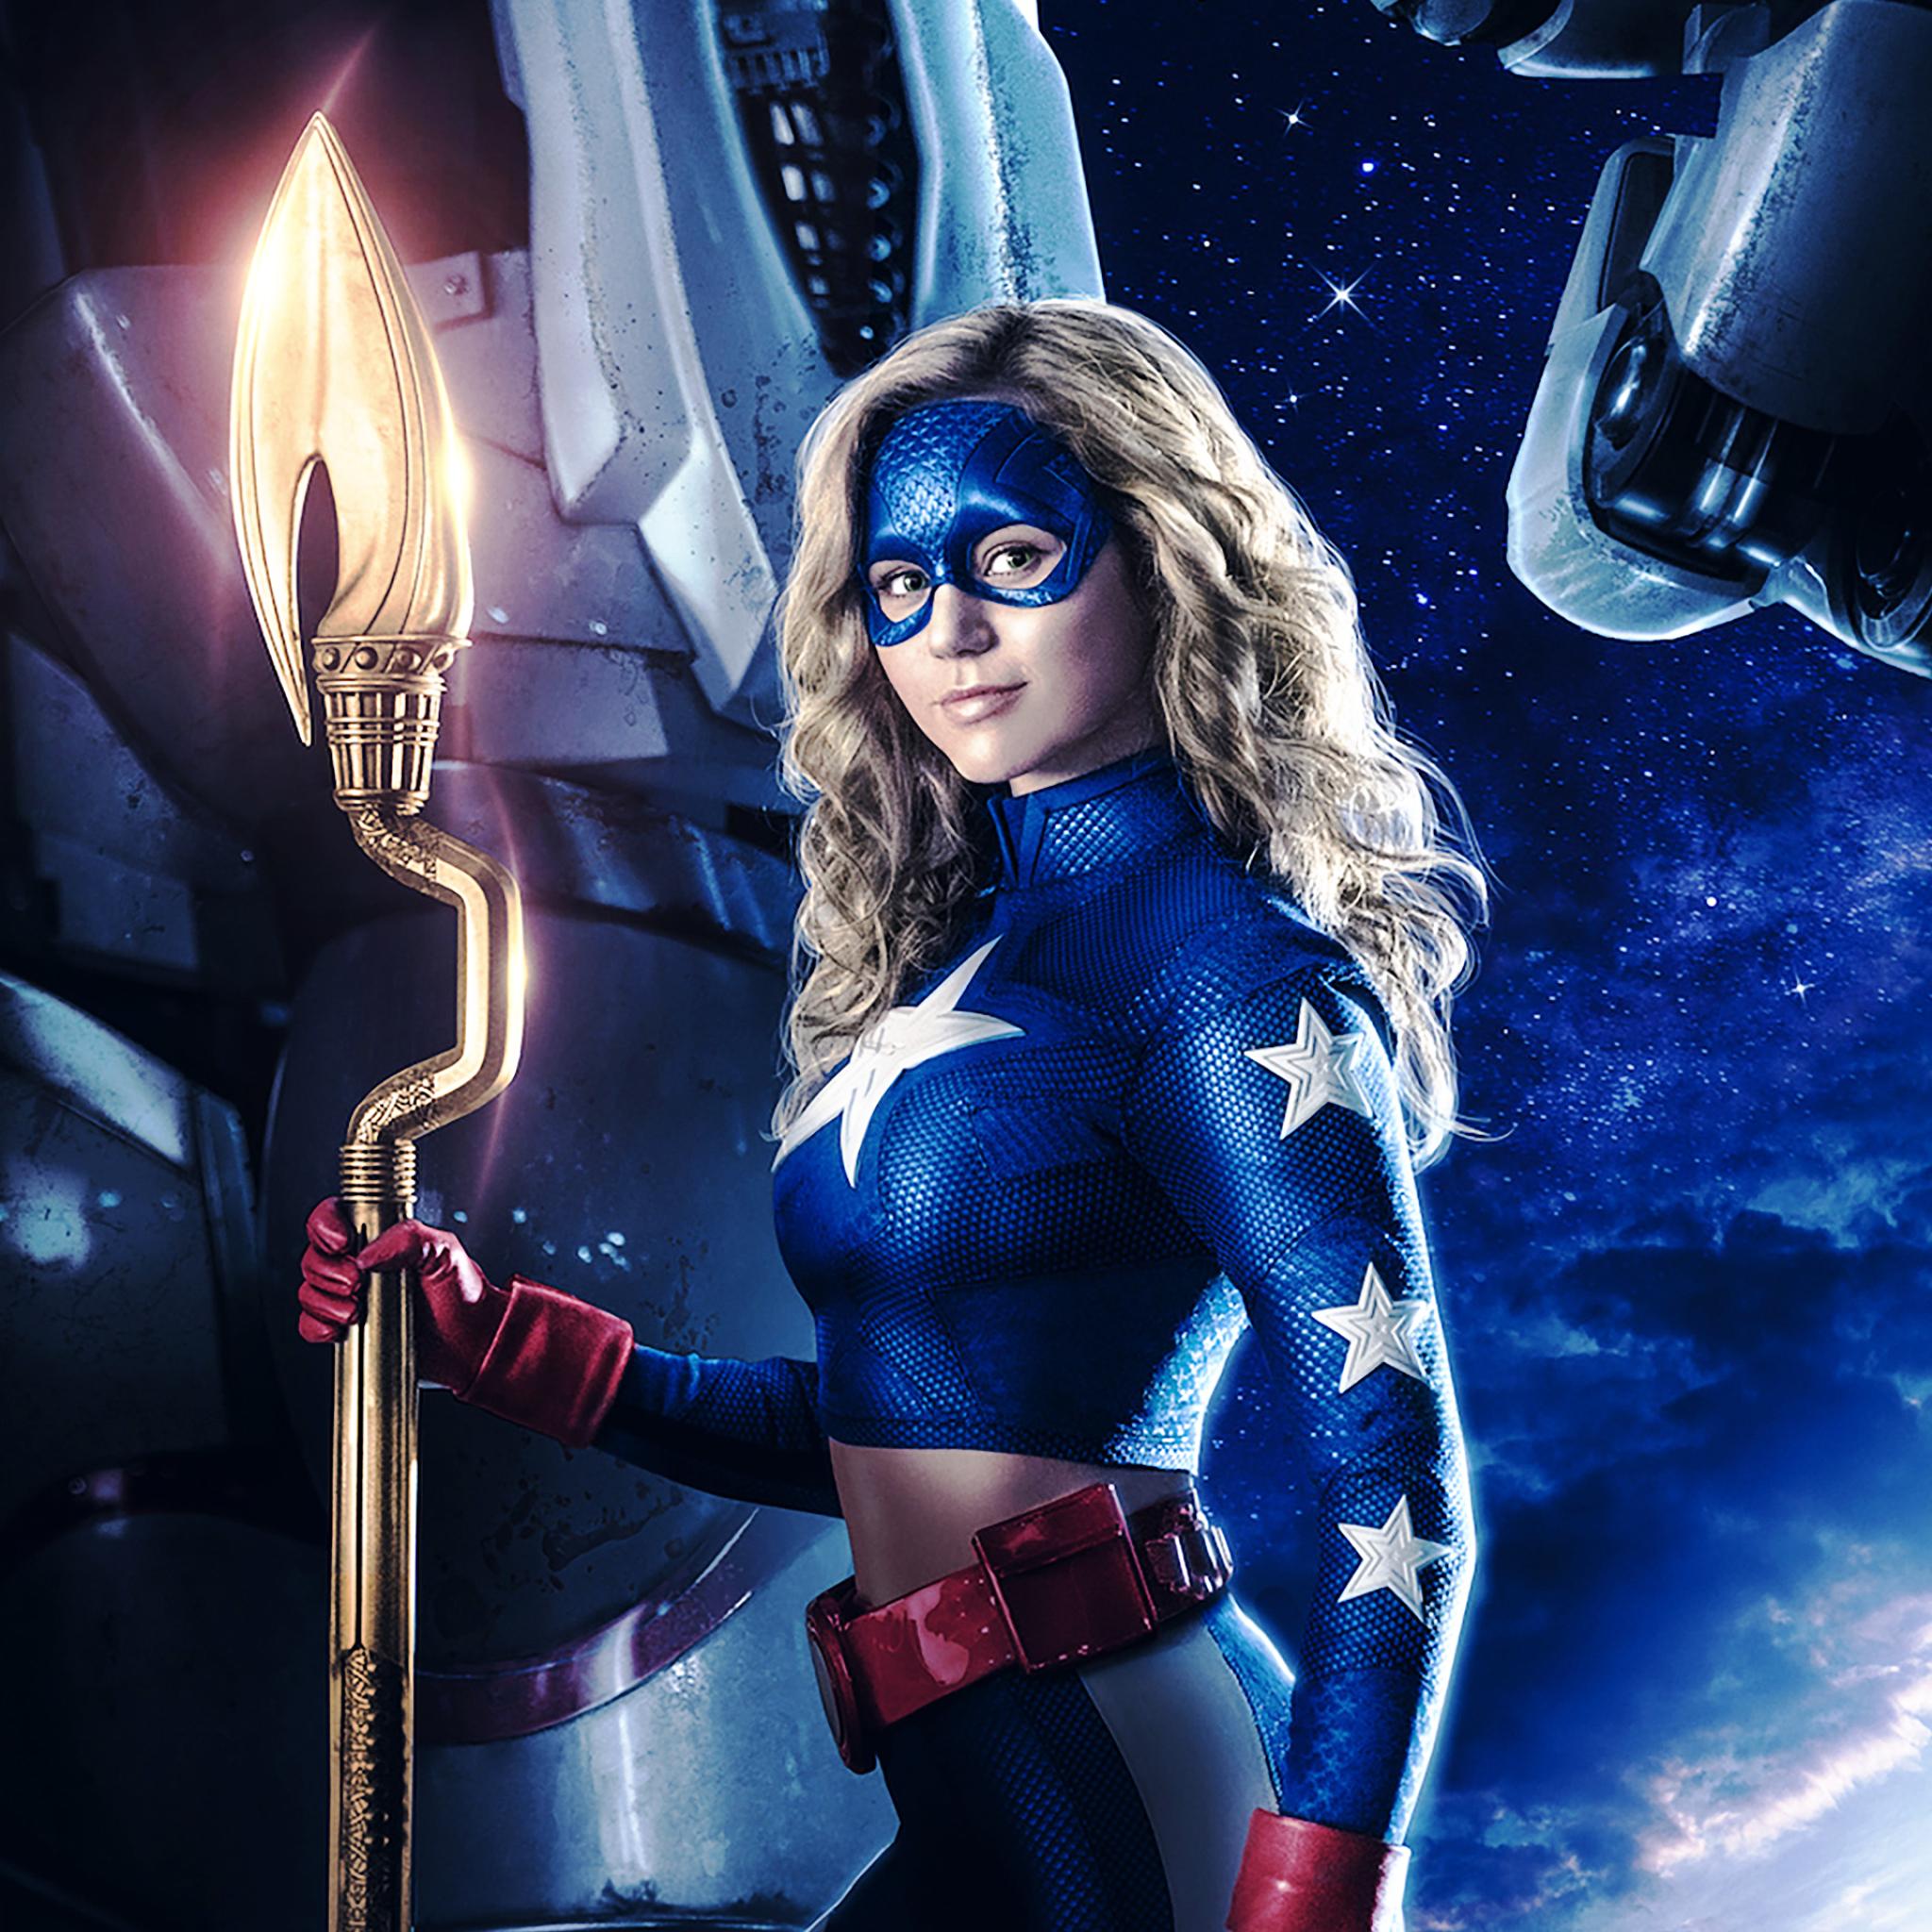 2048x2048 Stargirl DC Universe Ipad Air Wallpaper HD TV Series 4K 2048x2048